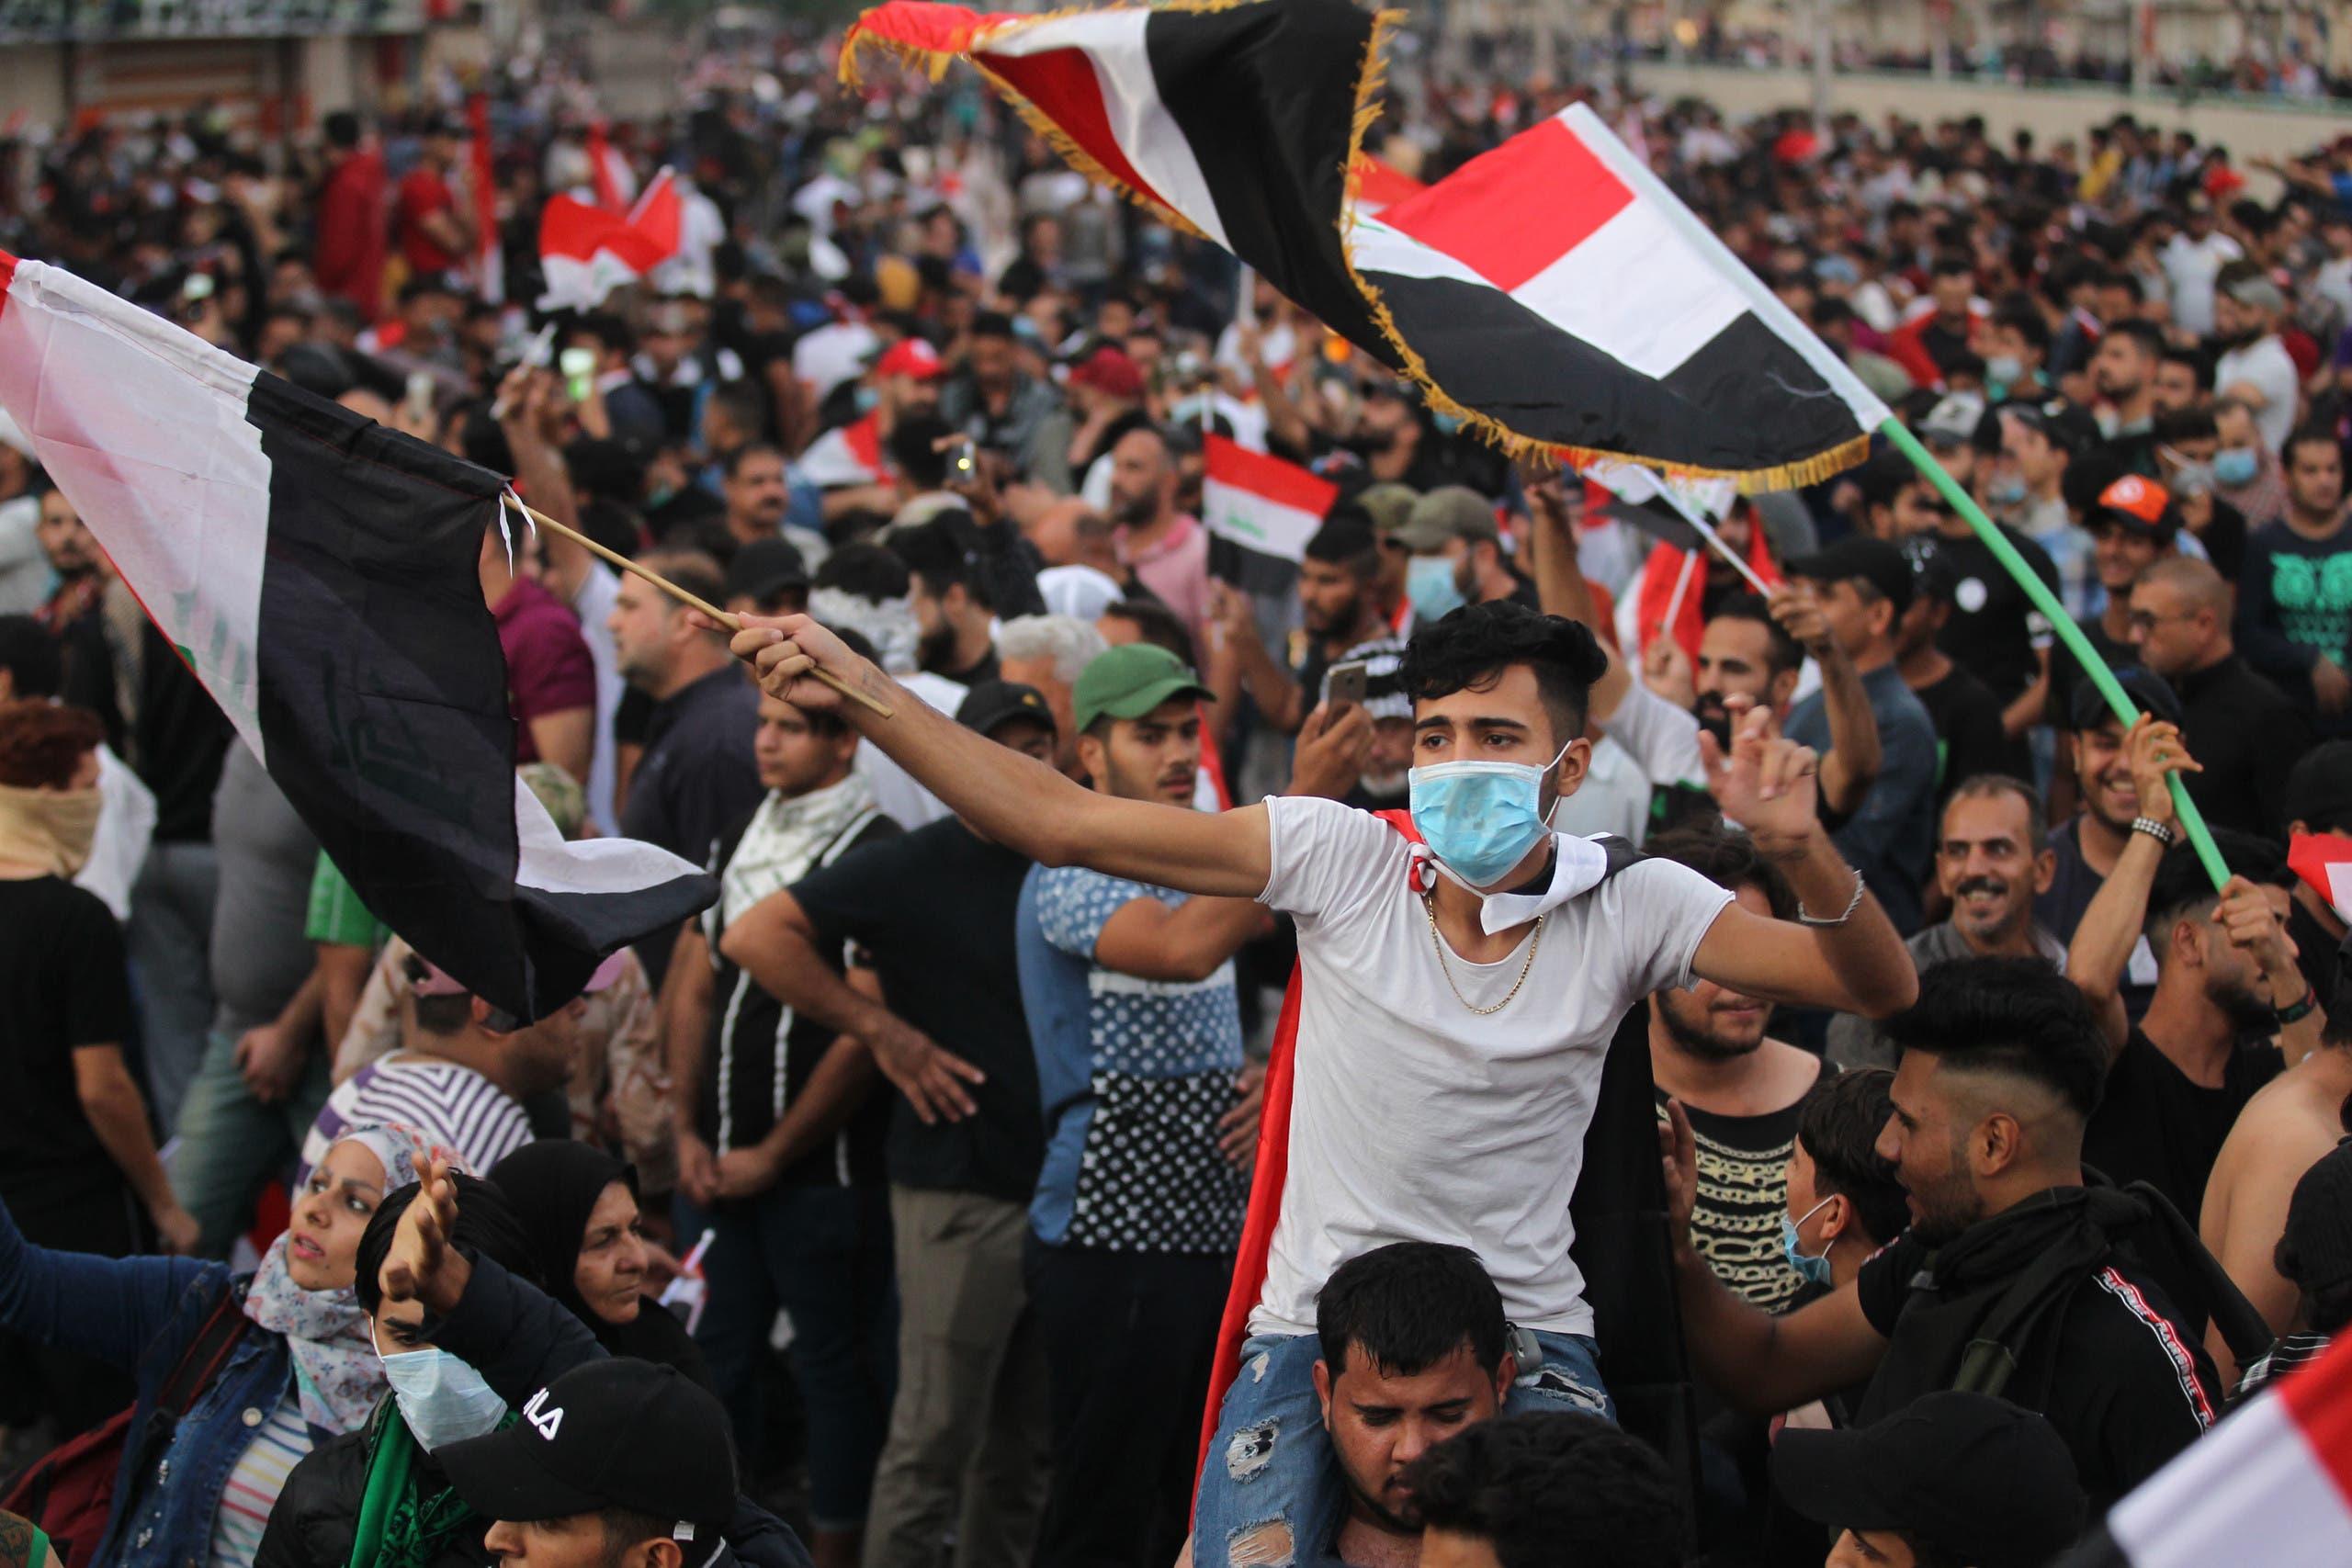 مظاهرات في ساحة التحرير بالعاصمة العراقية